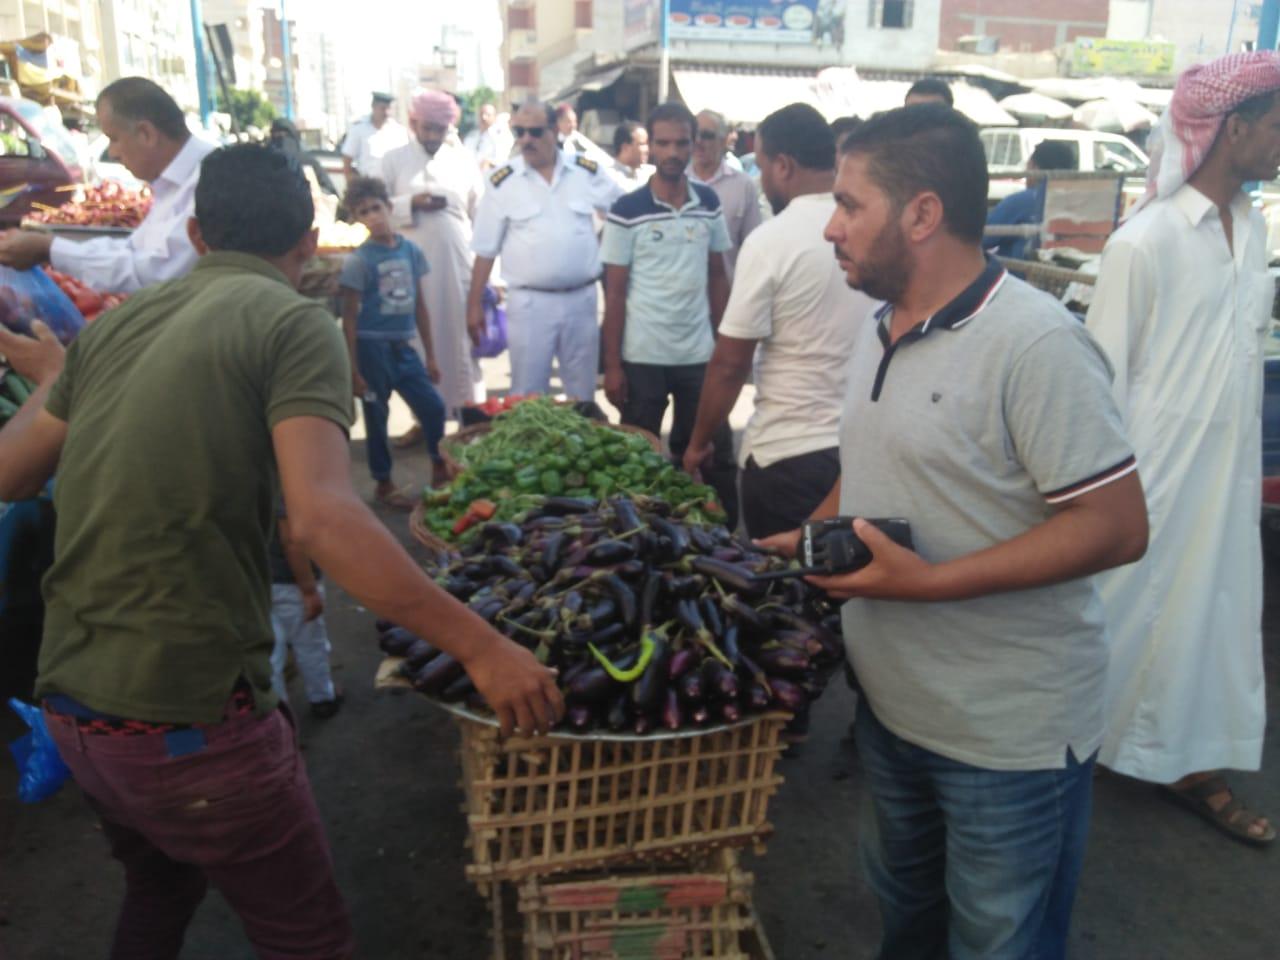 حملة لإزالة الإشغالات وباعة الخضراوات من شوارع مطروح (5)